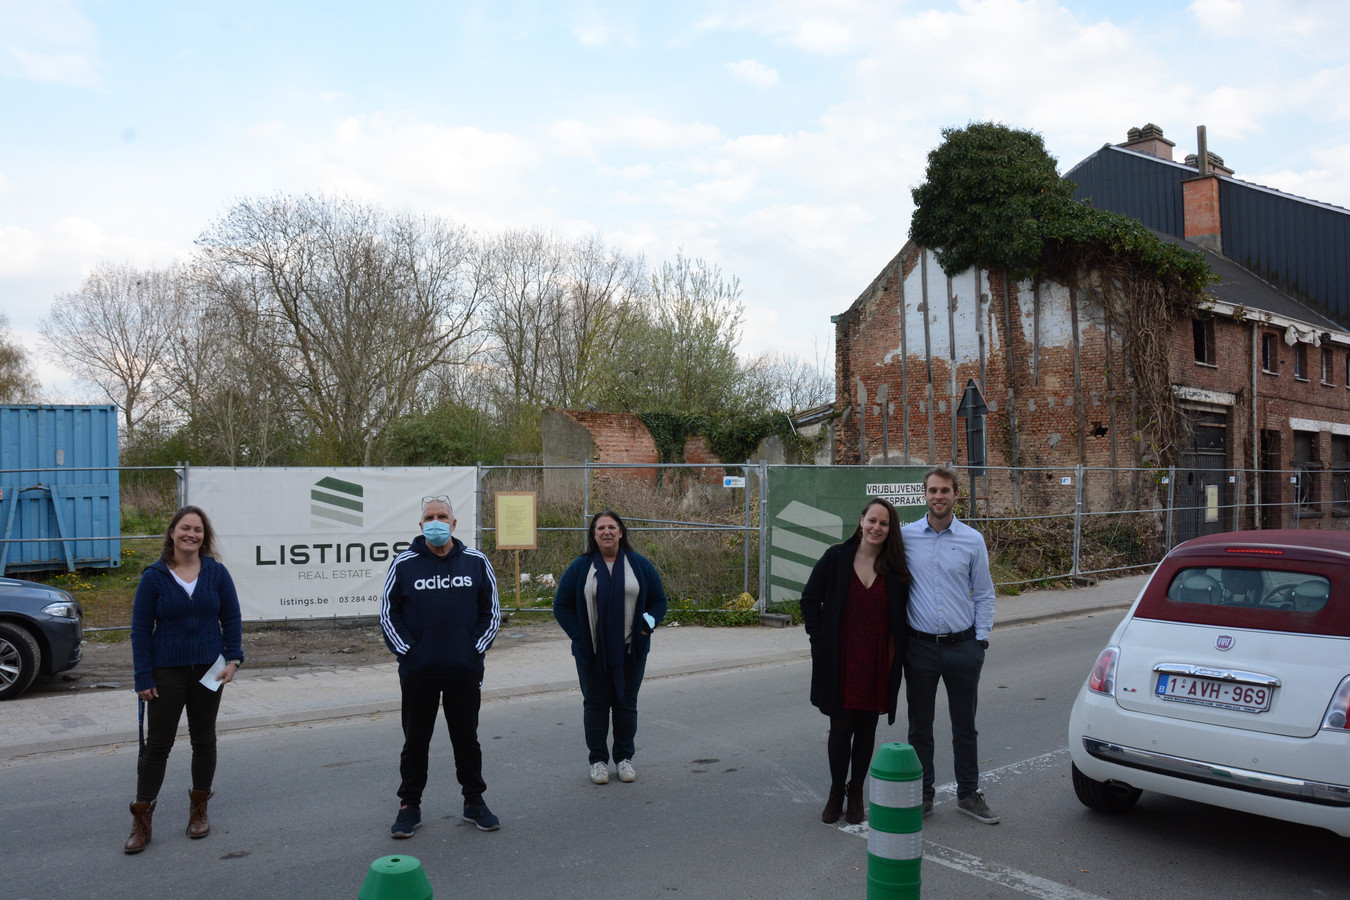 Bewoners van de Gelaagstraat verzamelden maar liefst 250 bezwaarschriften tegen een zoveelste bouwproject in de straat.